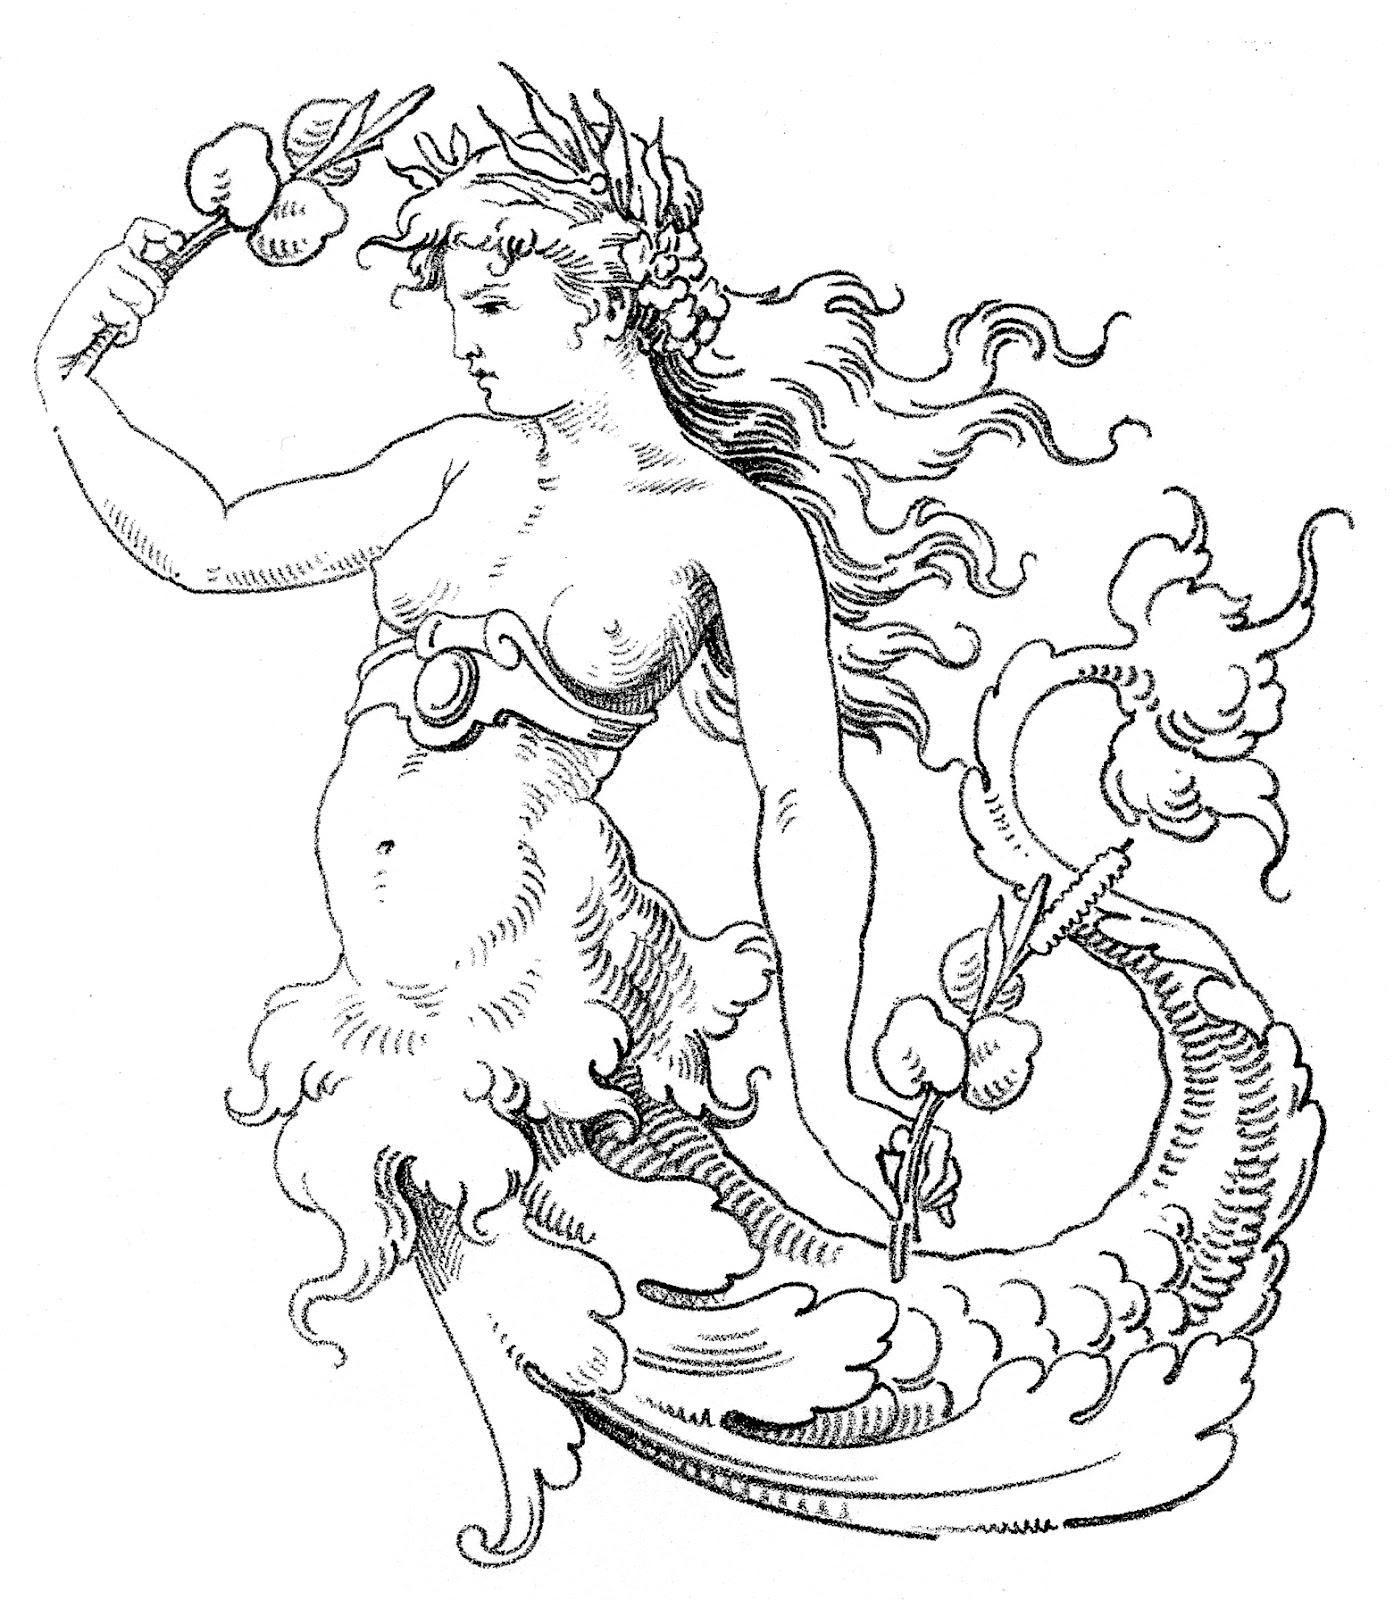 Retro clipart mermaid #2